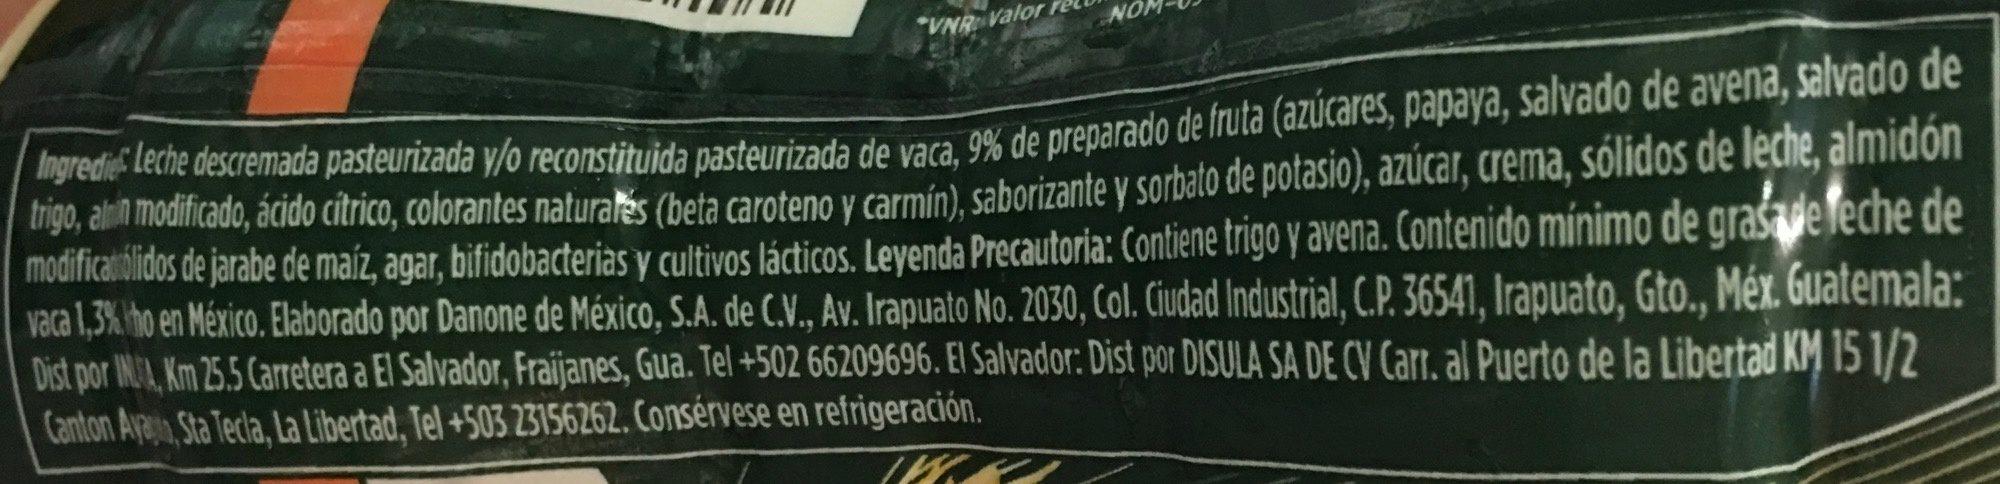 Activia papaya y cereales Danone - Ingrediënten - es